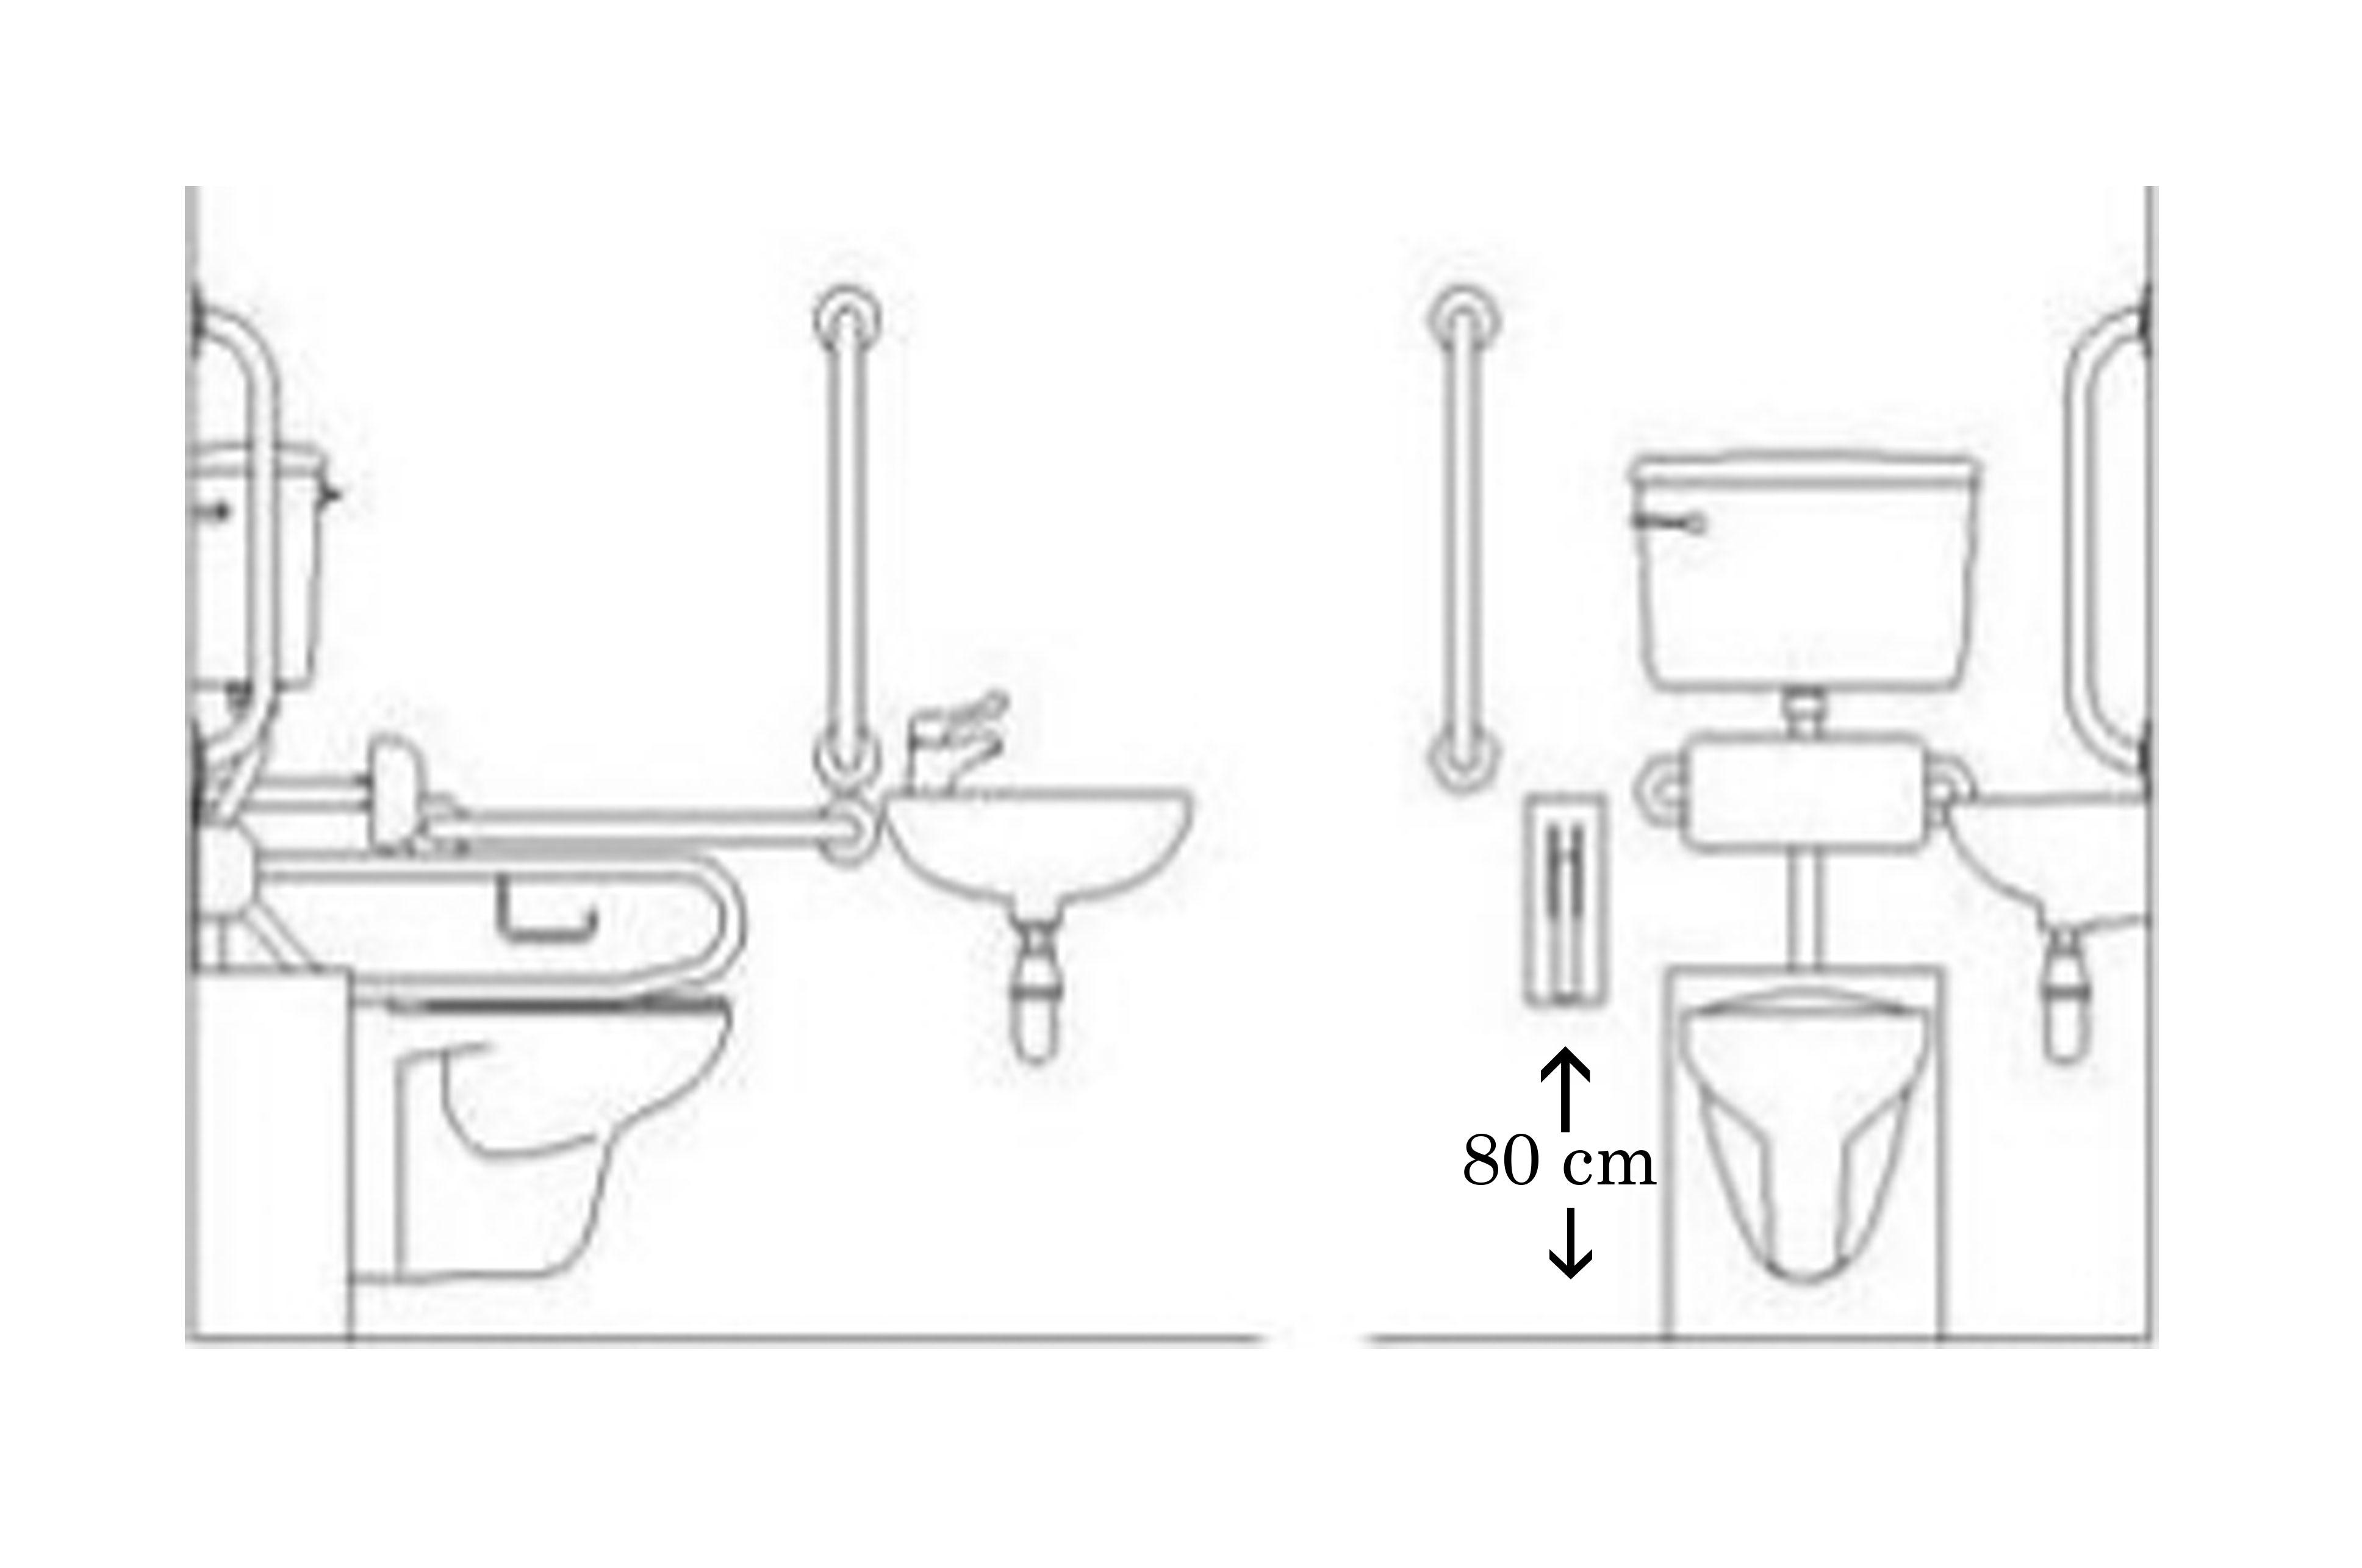 Maniglione di sicurezza ribaltabile per bagno disabili - Misure per bagno disabili ...